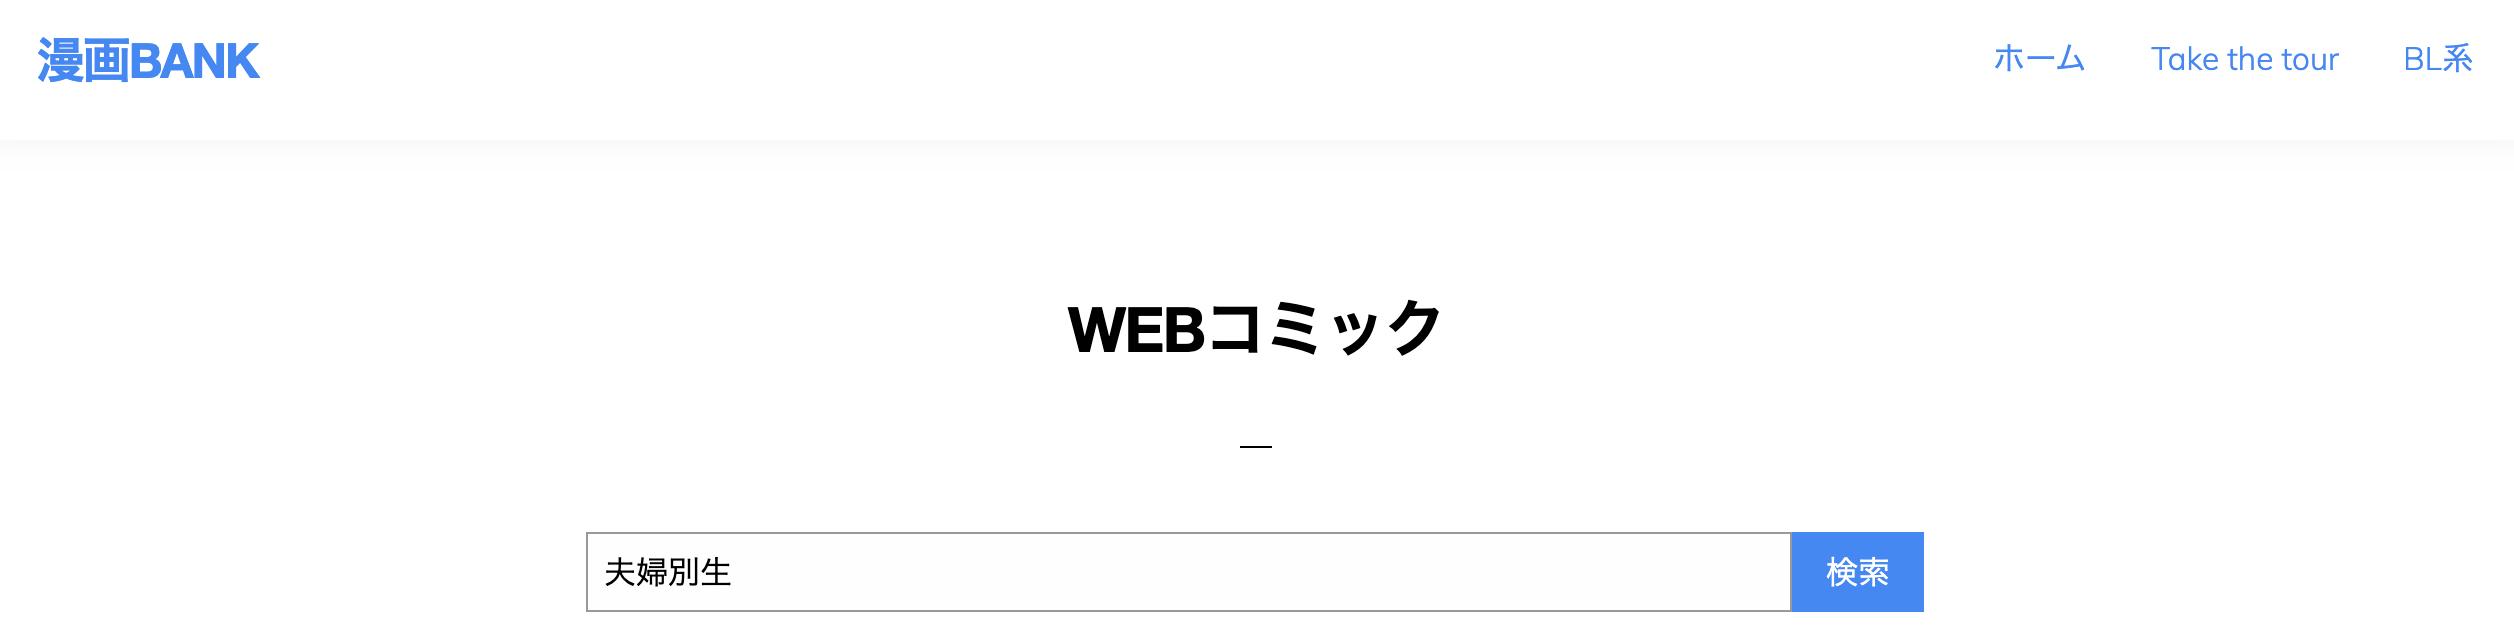 漫画 バンク bl